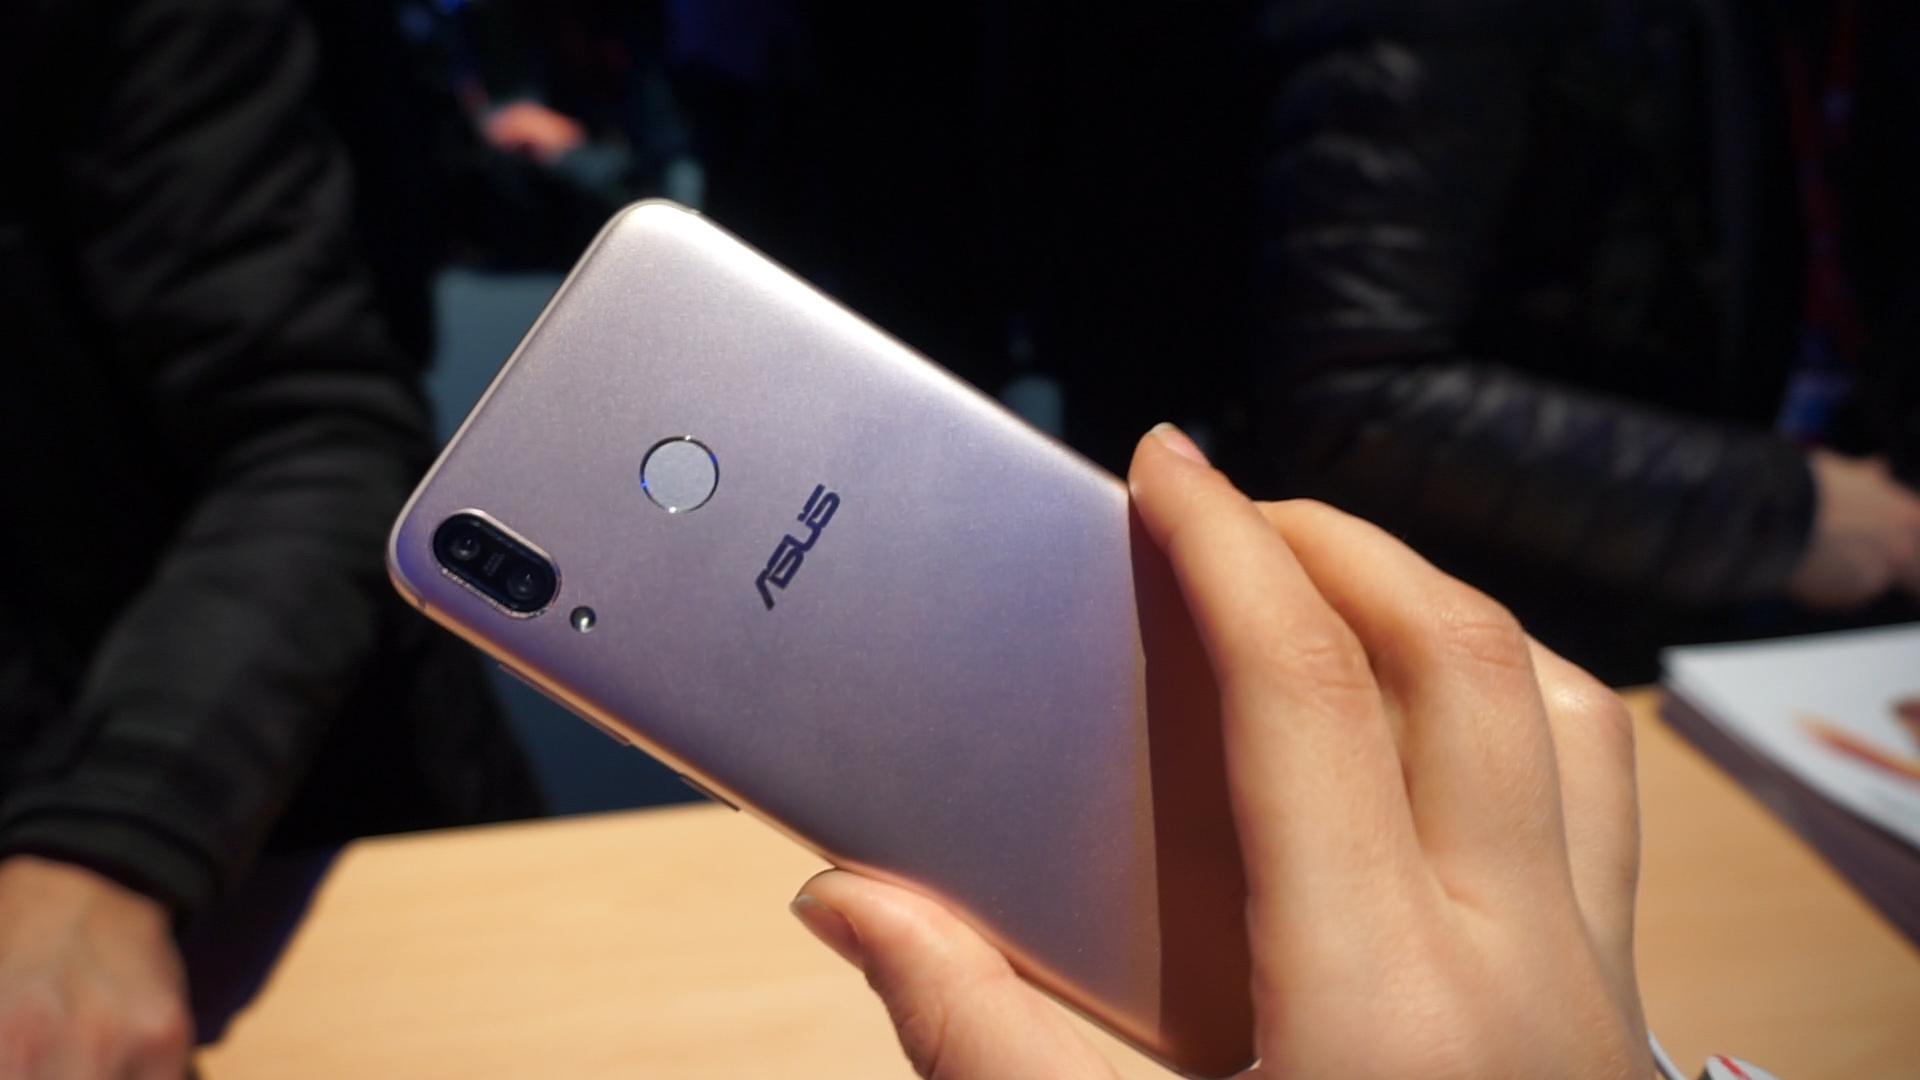 Asus Zenfone Max Plus M1 è ufficiale: specifiche, disponibilità e prezzi del battery phone thumbnail